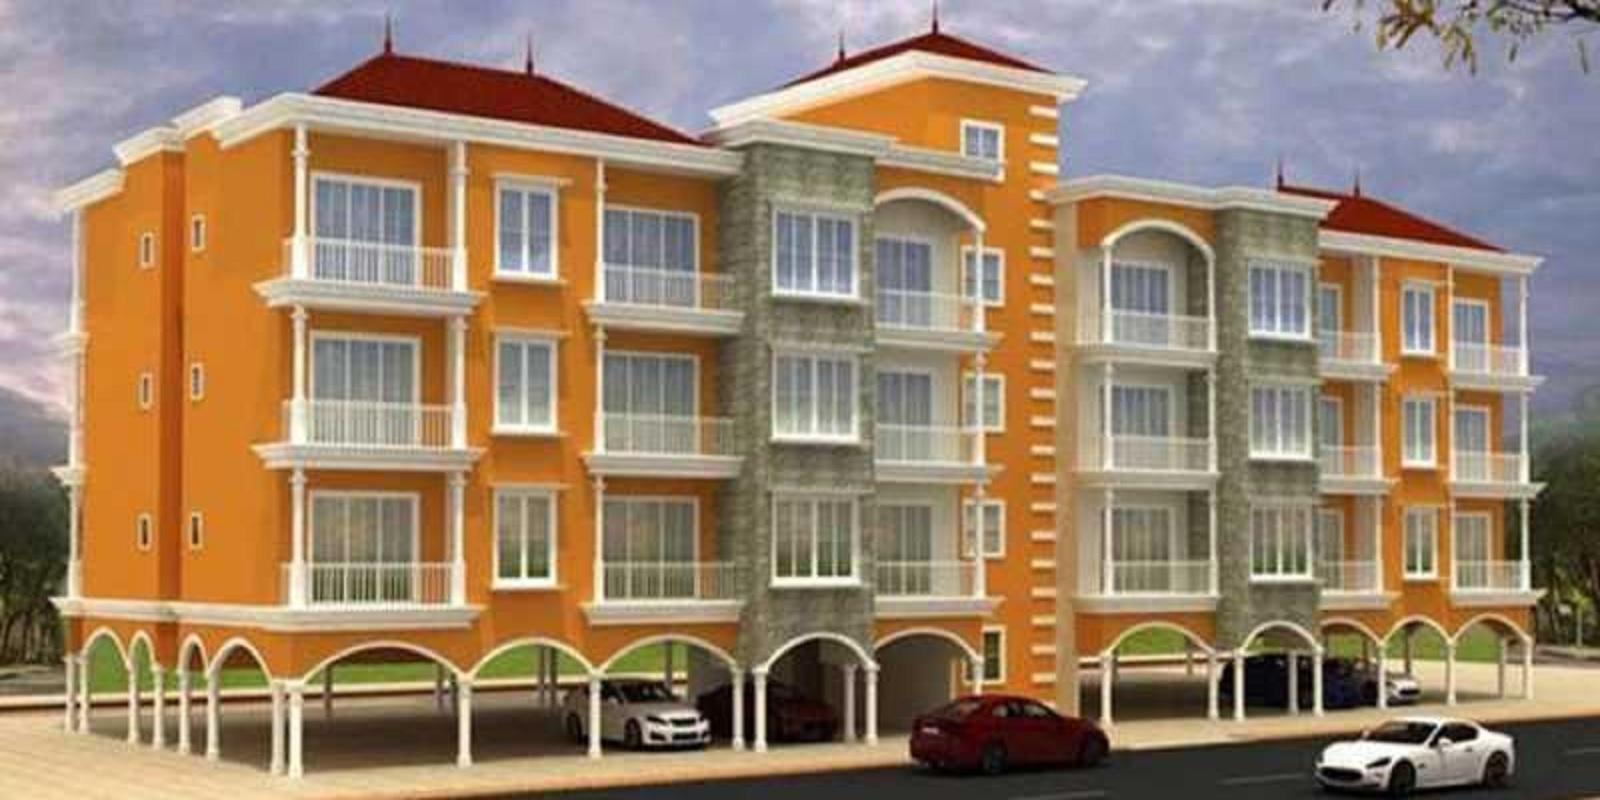 disha direct cidade vida phase i project project large image1